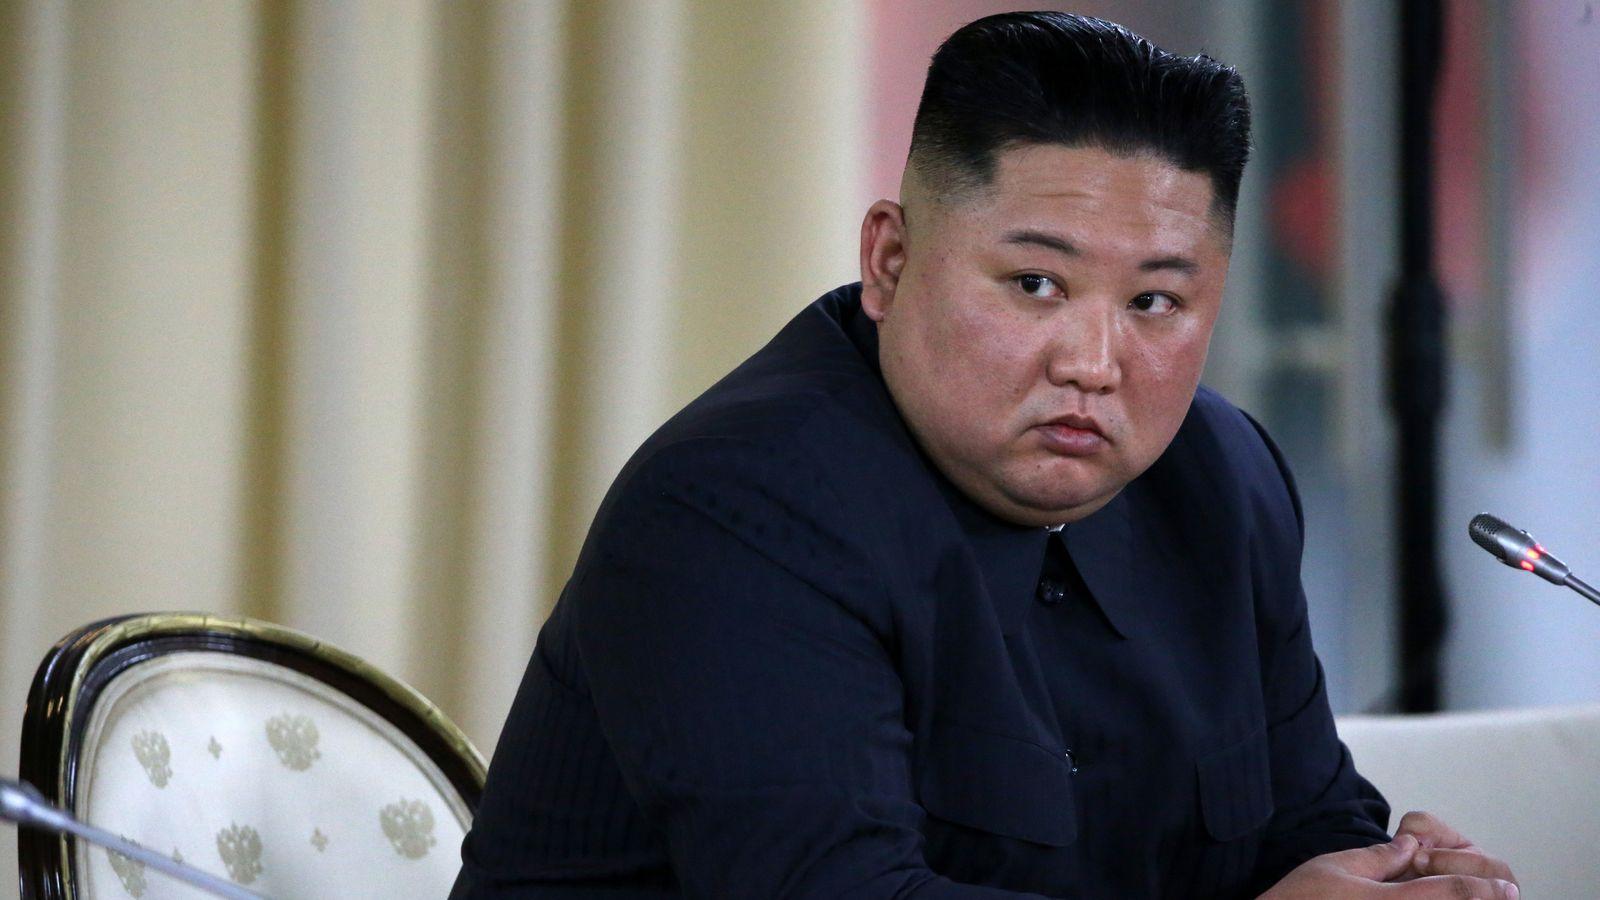 برداشته شدن مجسمه ها و تصاویر رهبران کره شمالی و باز هم شایعه مرگ کیم جونگ اون + عکس